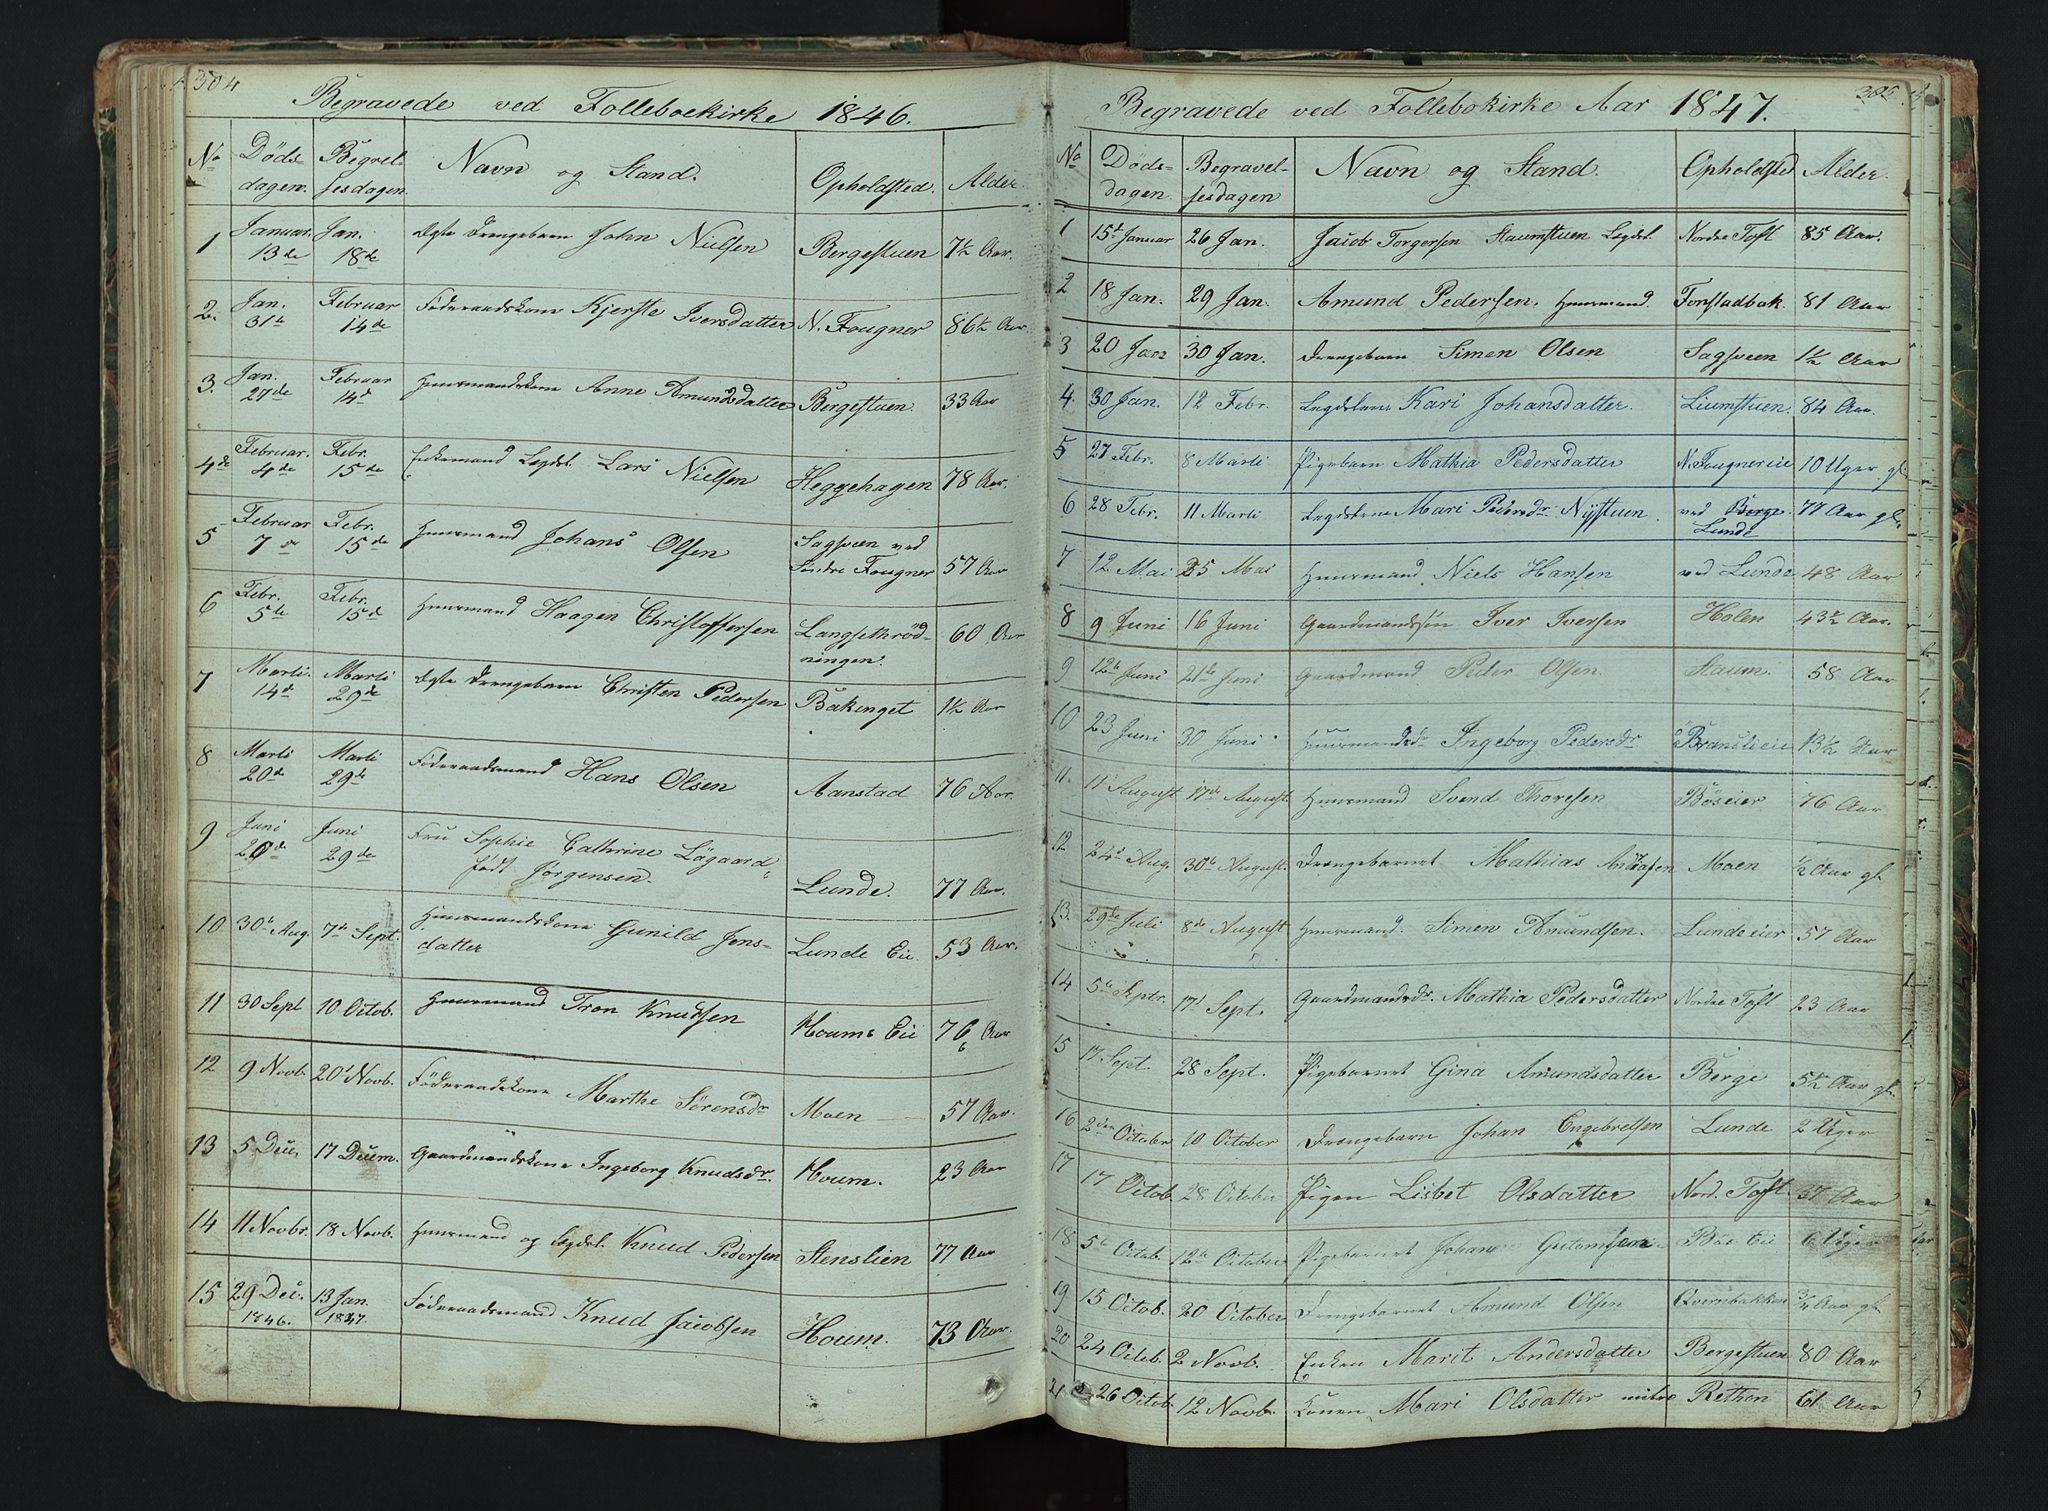 SAH, Gausdal prestekontor, Klokkerbok nr. 6, 1846-1893, s. 304-305